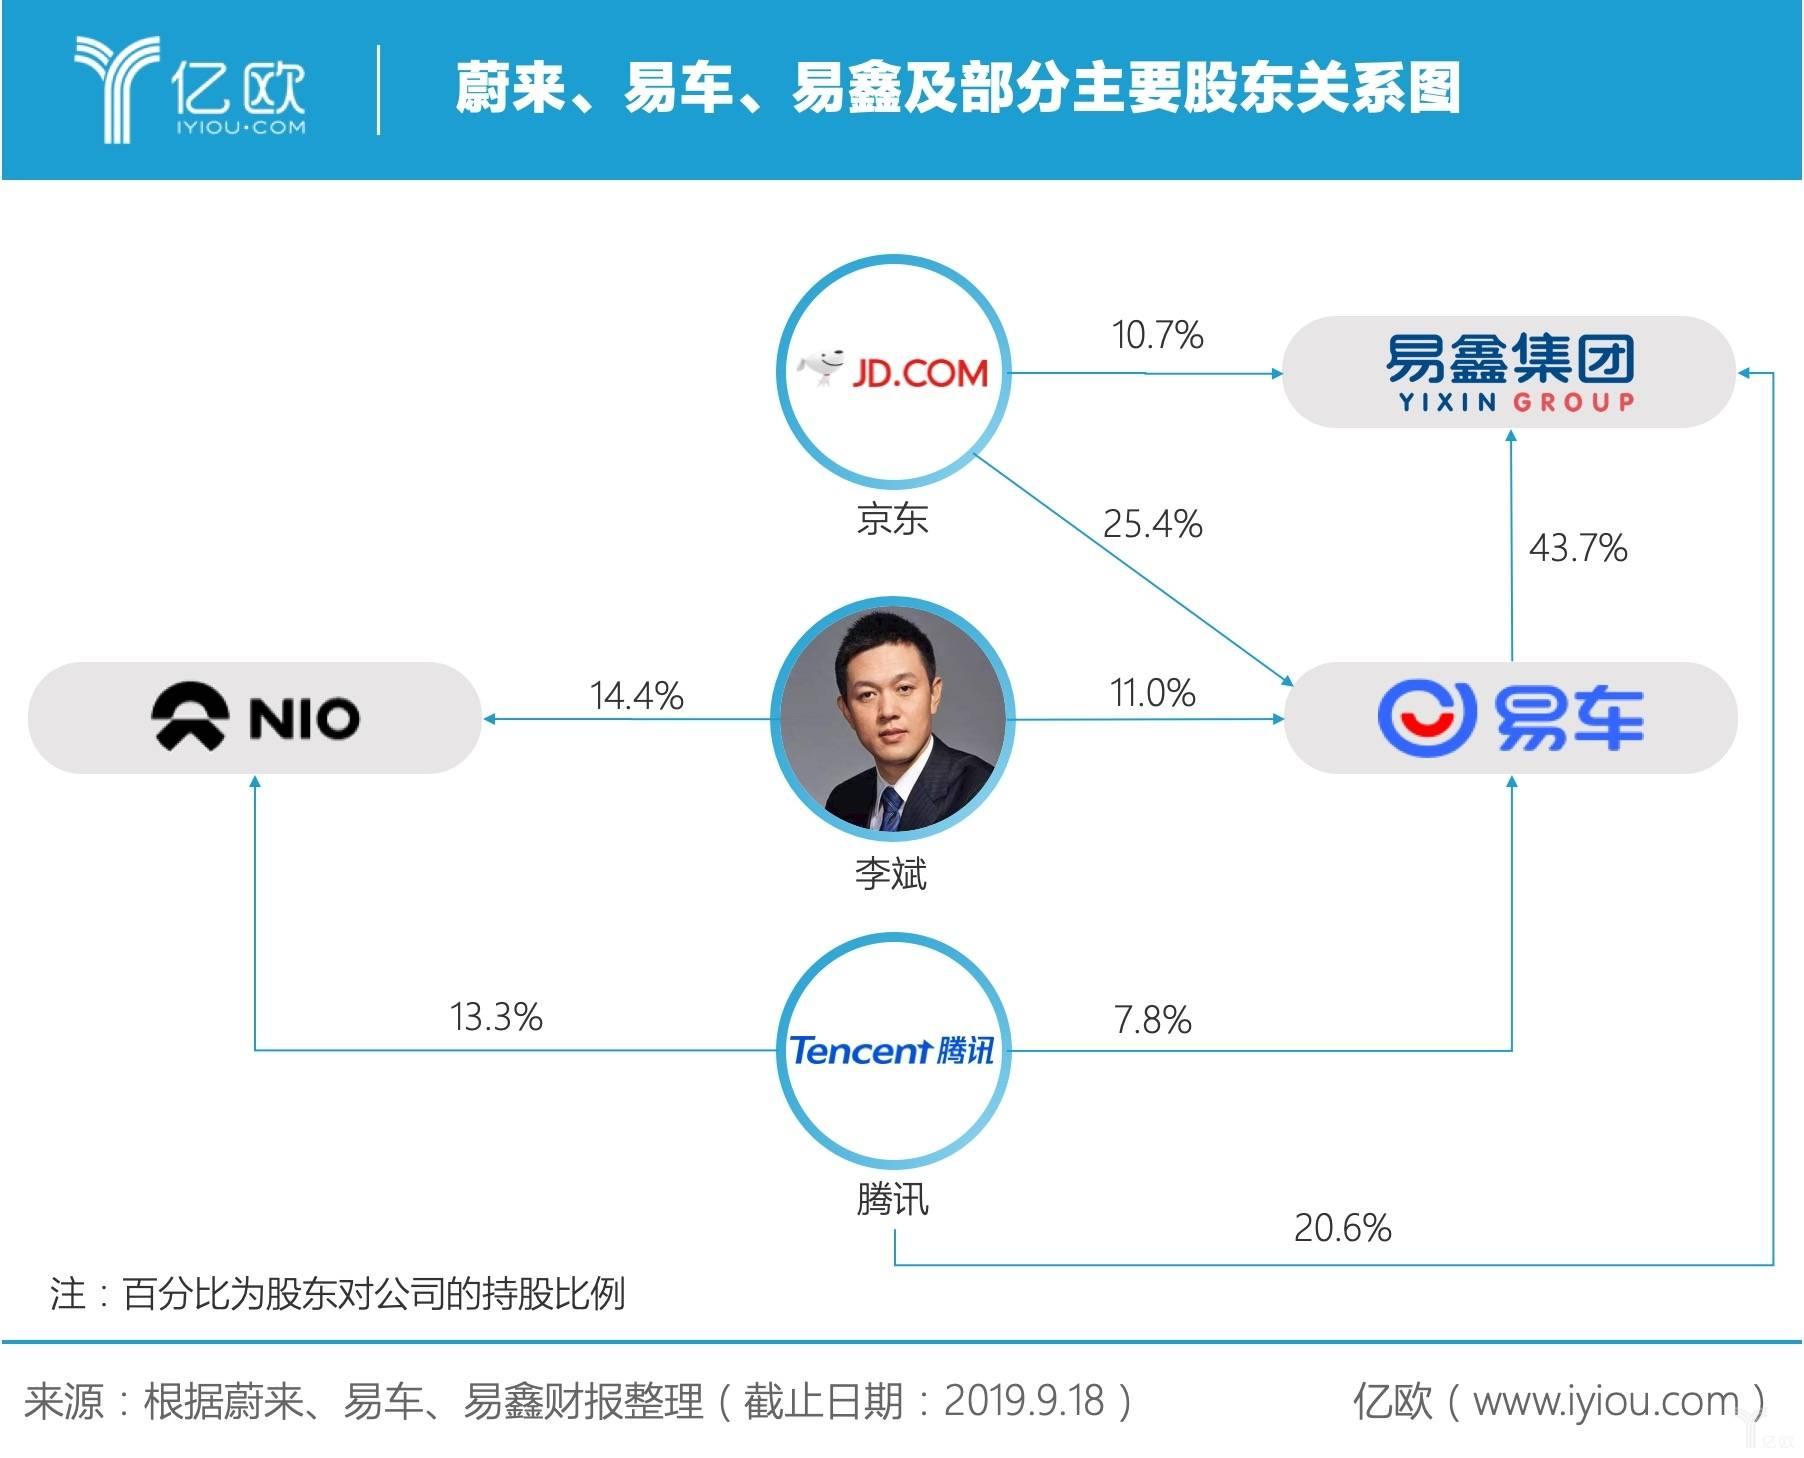 蔚来、易车、易鑫及部分主要股东关系图